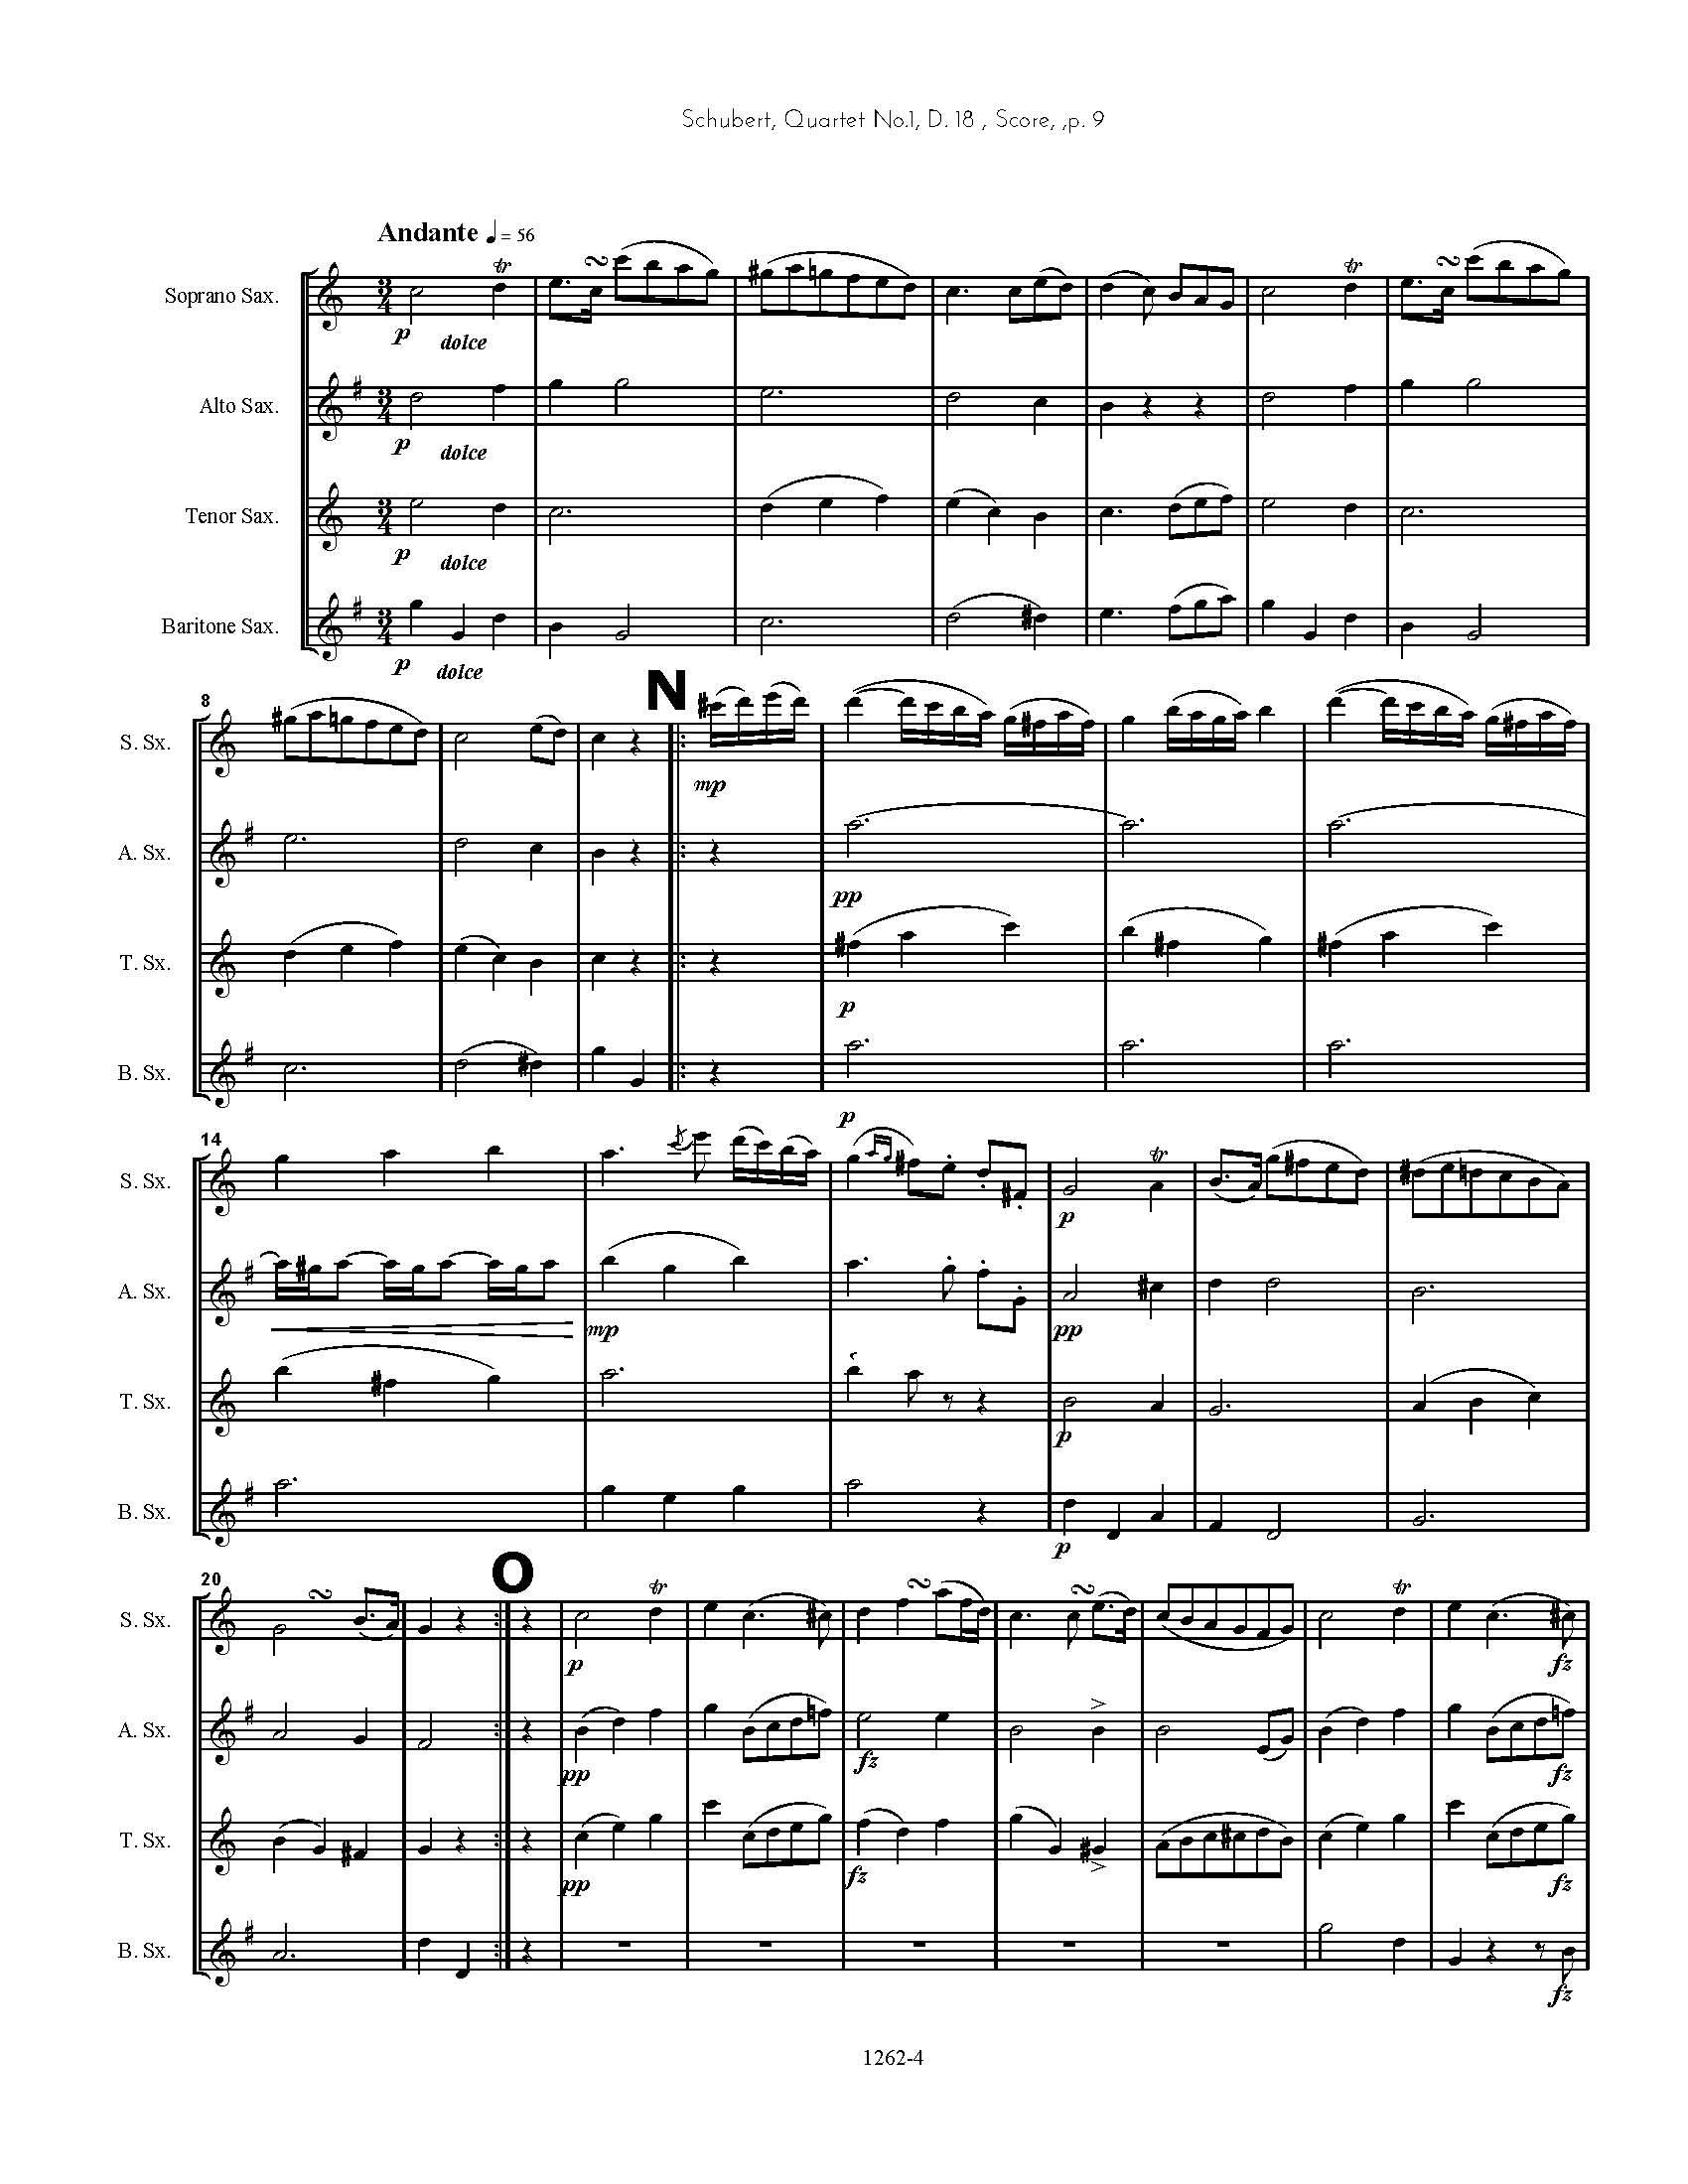 Mendelssohn Excerpt From 1st Movement Für Saxophon Quintet String Quintet Nr.1